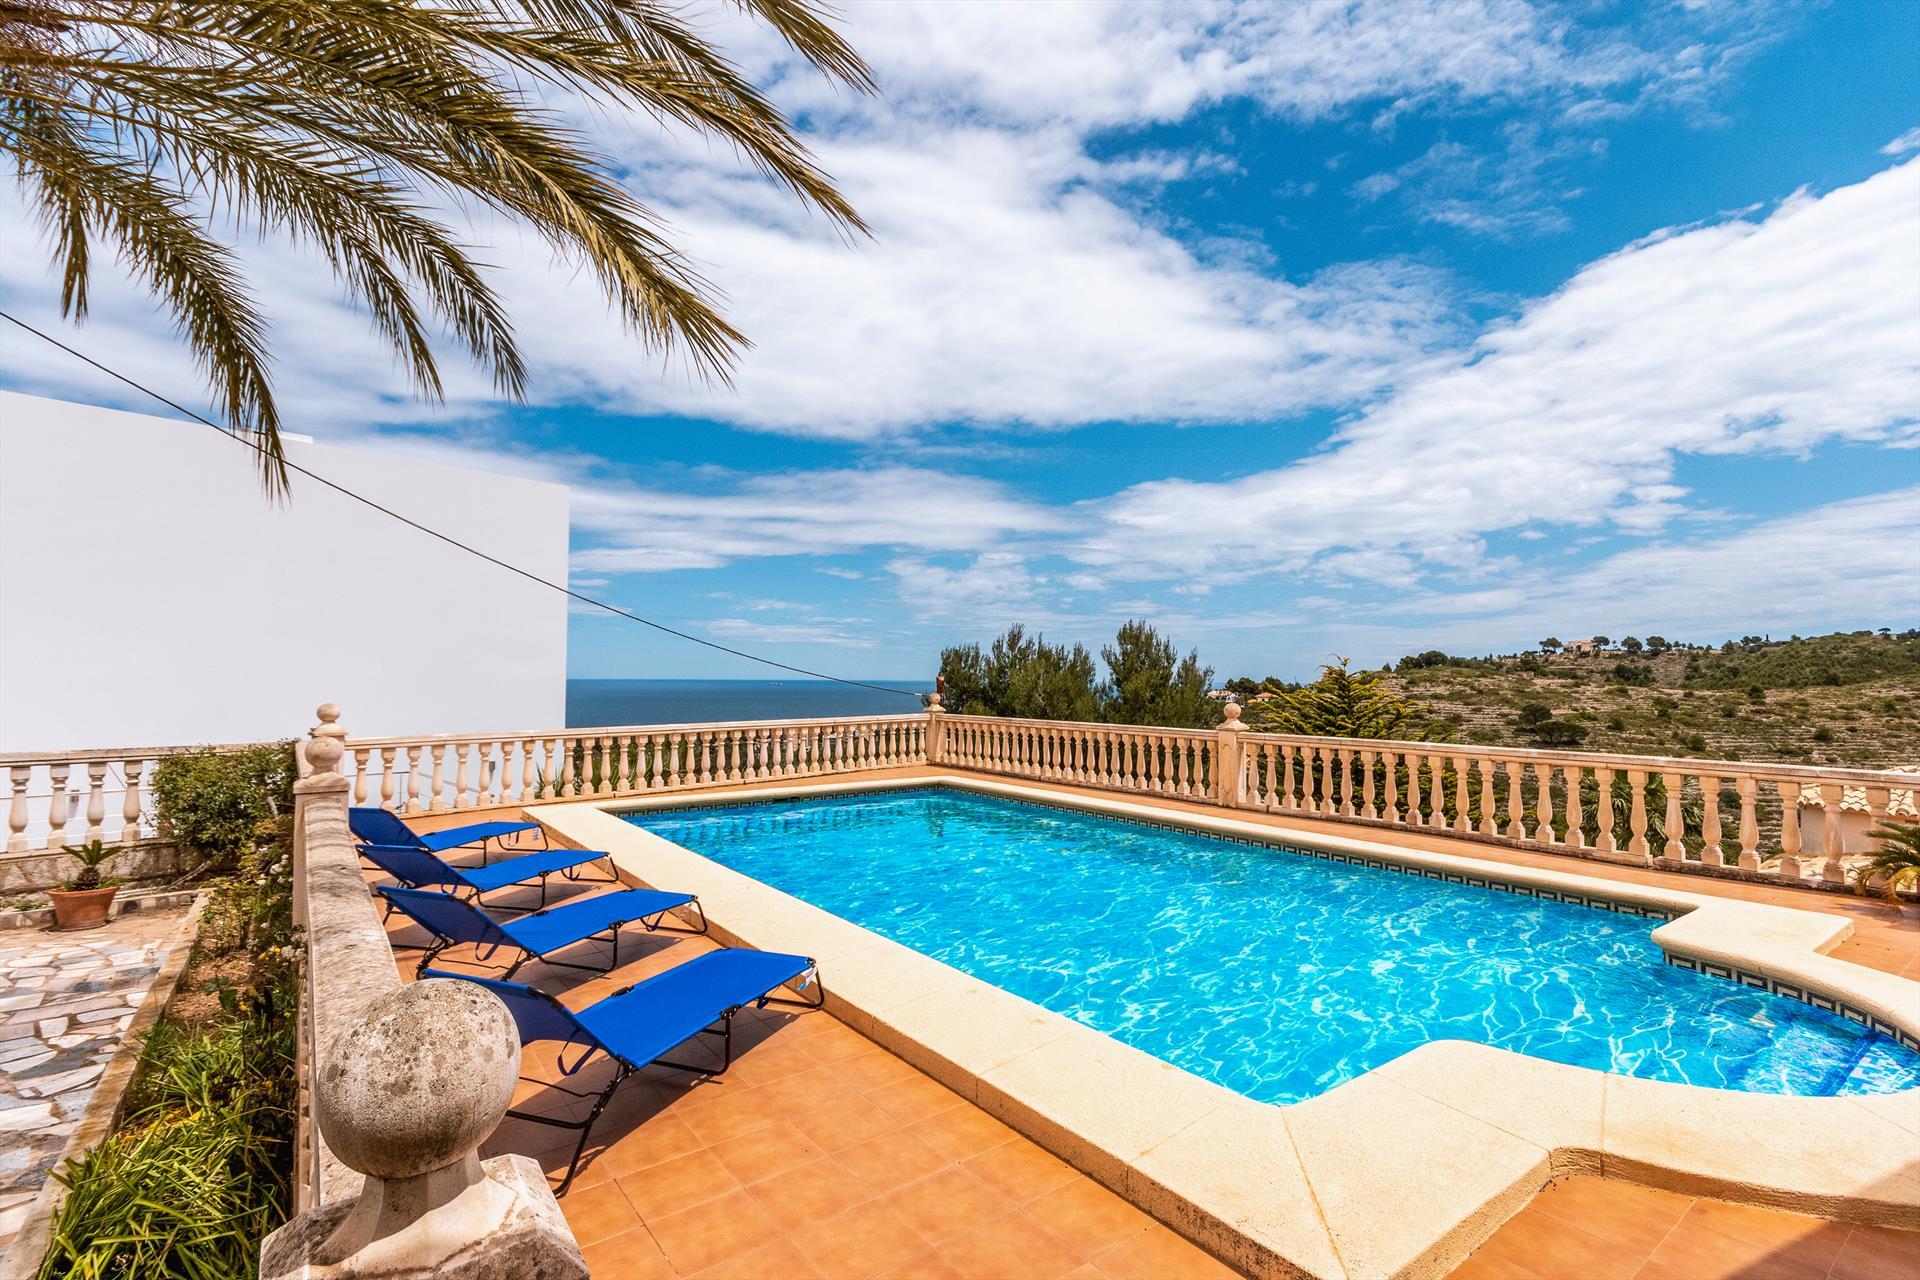 La Florida 6 pax,Villa maravillosa y romántica en Denia, en la Costa Blanca, España  con piscina privada para 6 personas.....